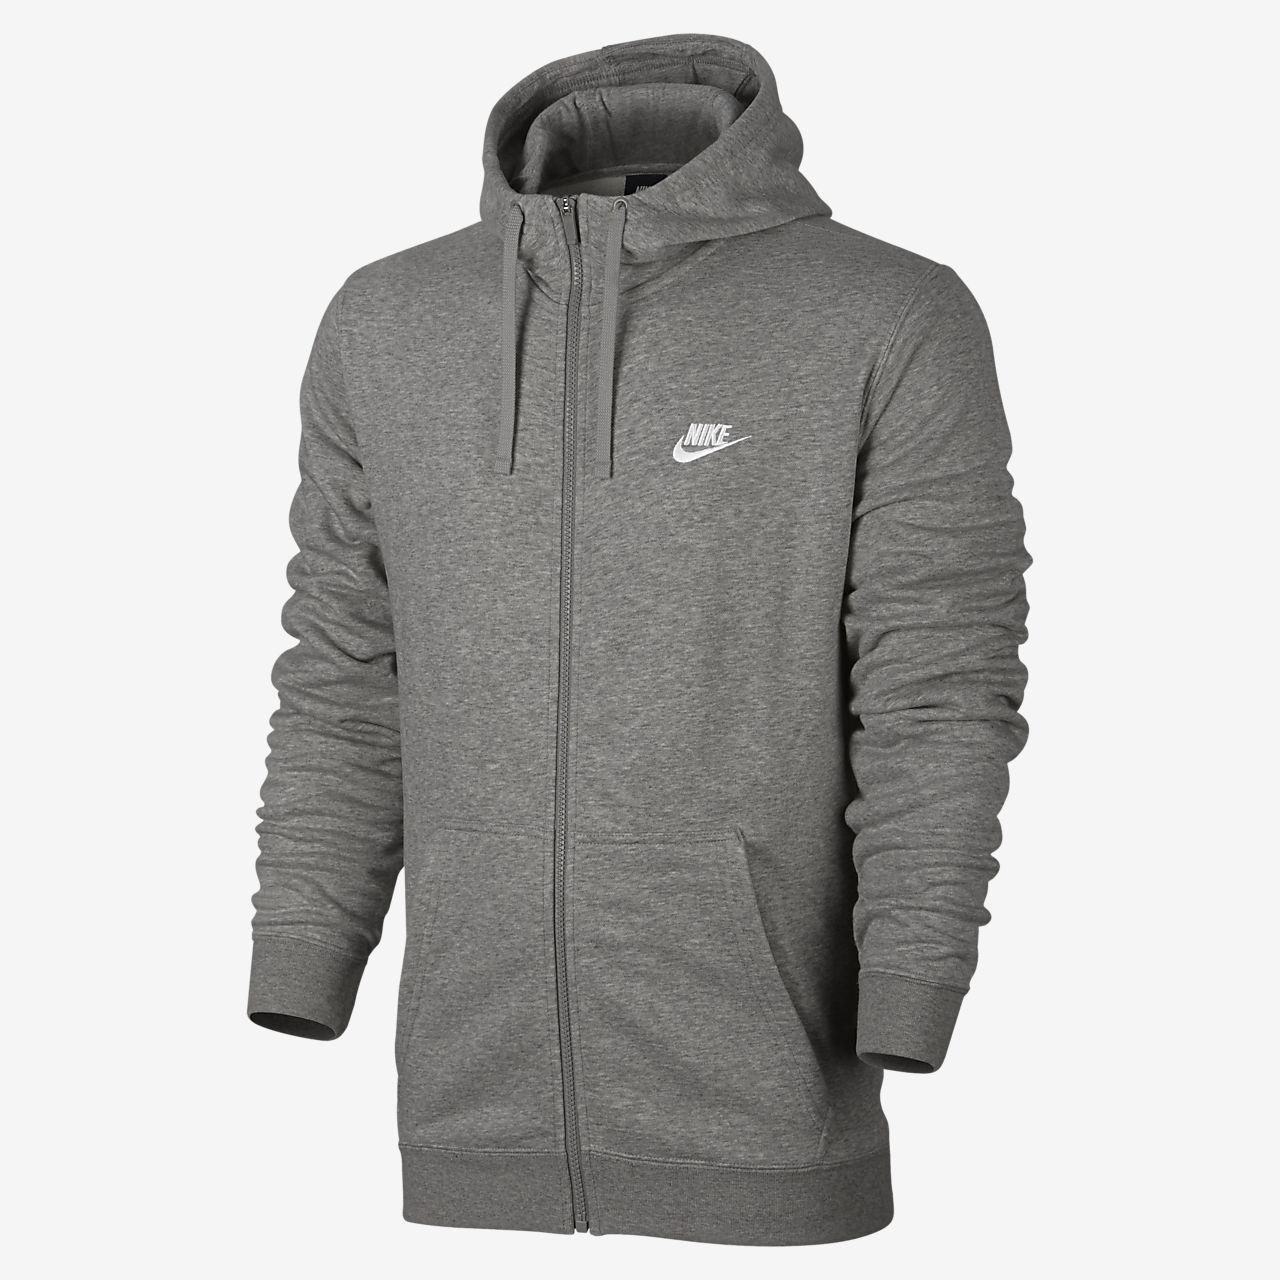 ... Felpa con cappuccio e zip a tutta lunghezza Nike Sportswear - Uomo